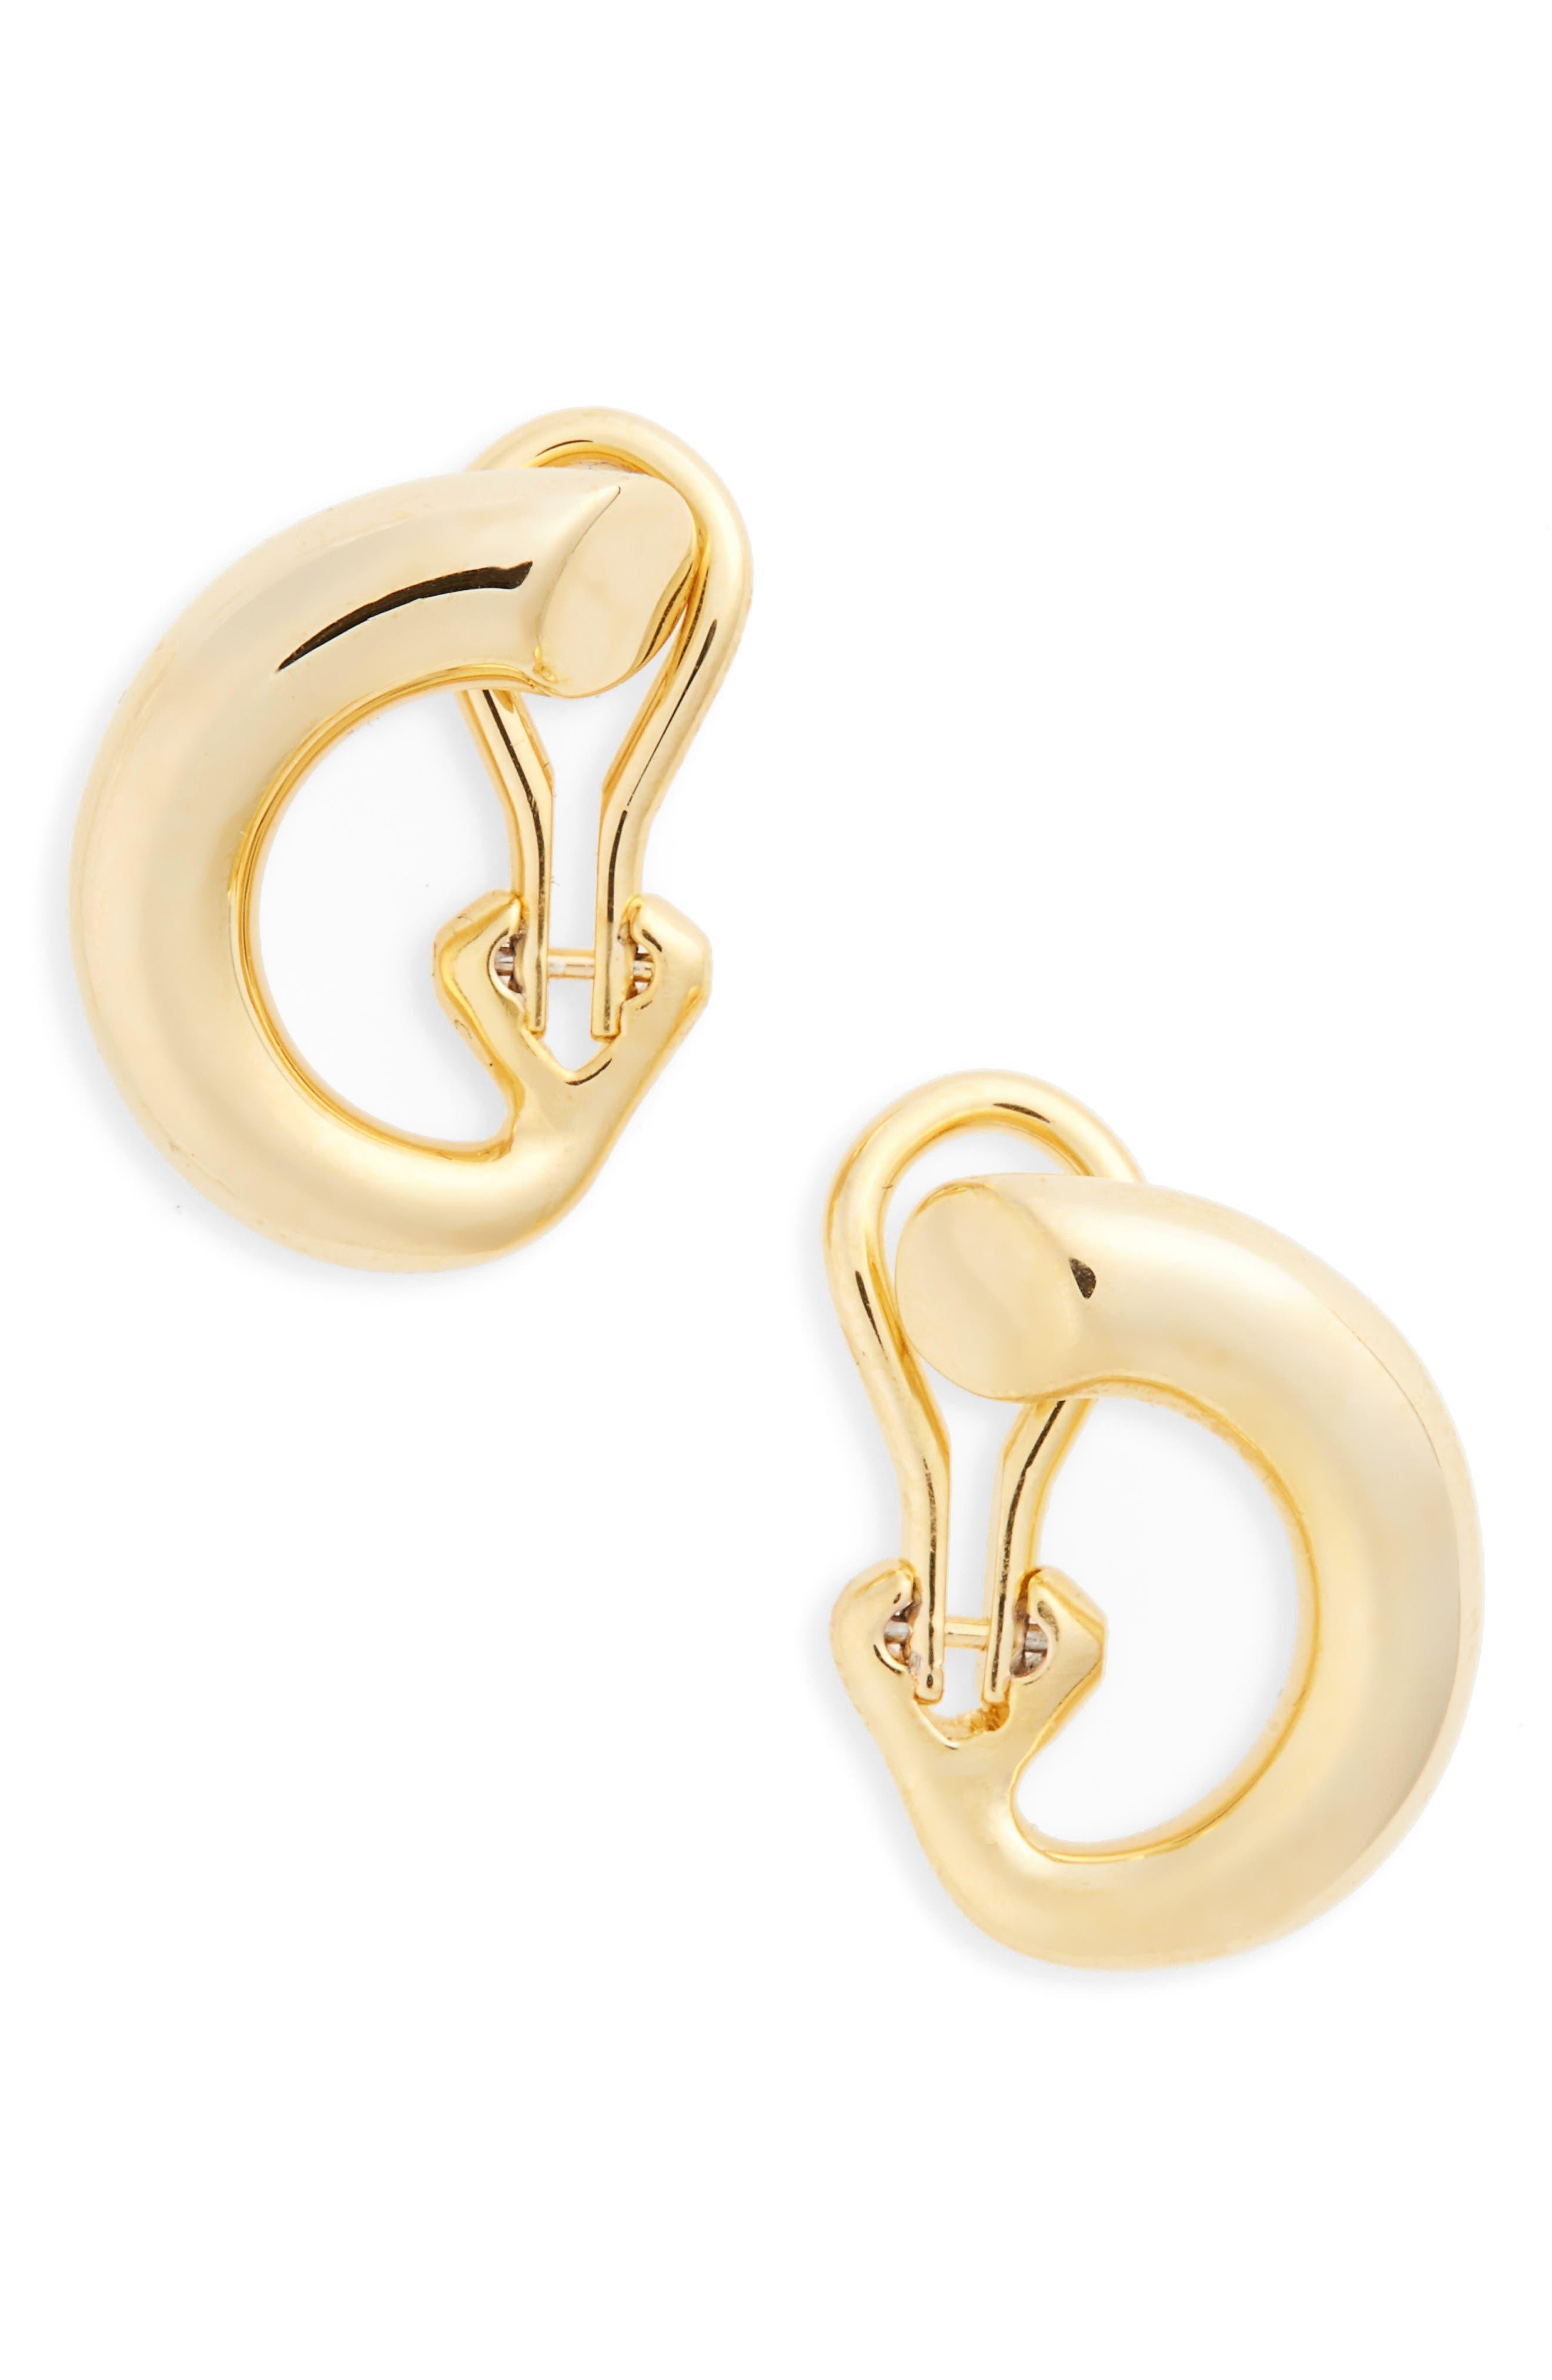 Alternate Image 1 Selected - Charlotte Chesnais Monie Small Vermeil Hoop Earrings